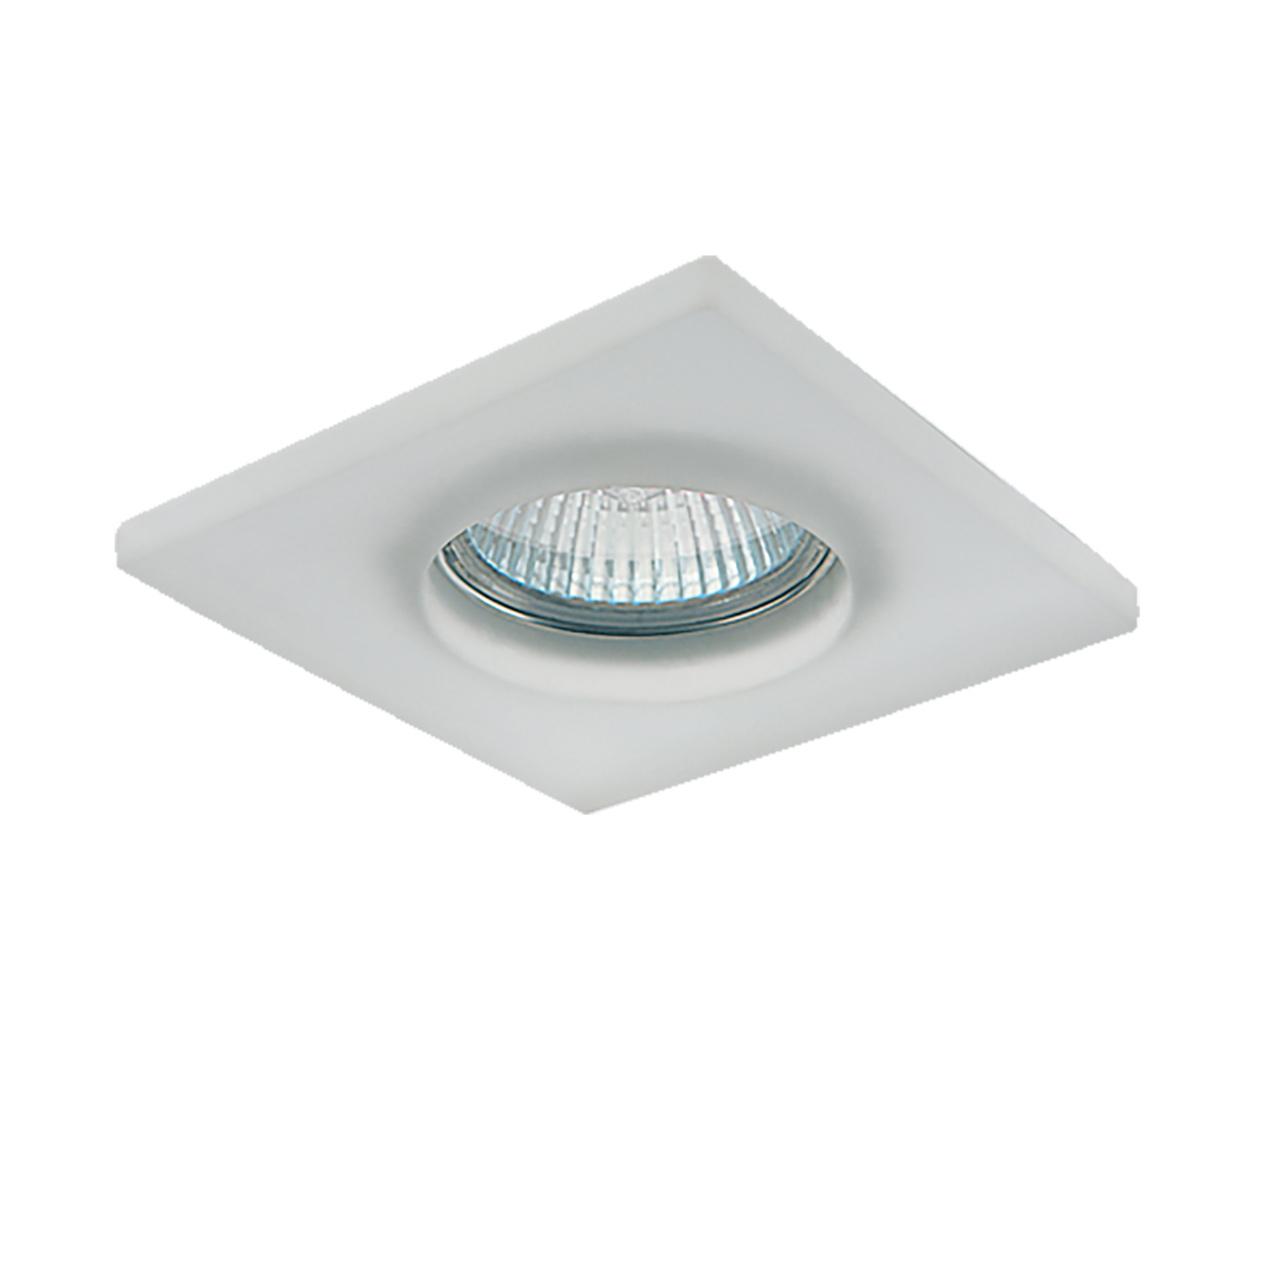 Светильник Anello quad OP MR16 / HP16 хром / матовый Lightstar 002250